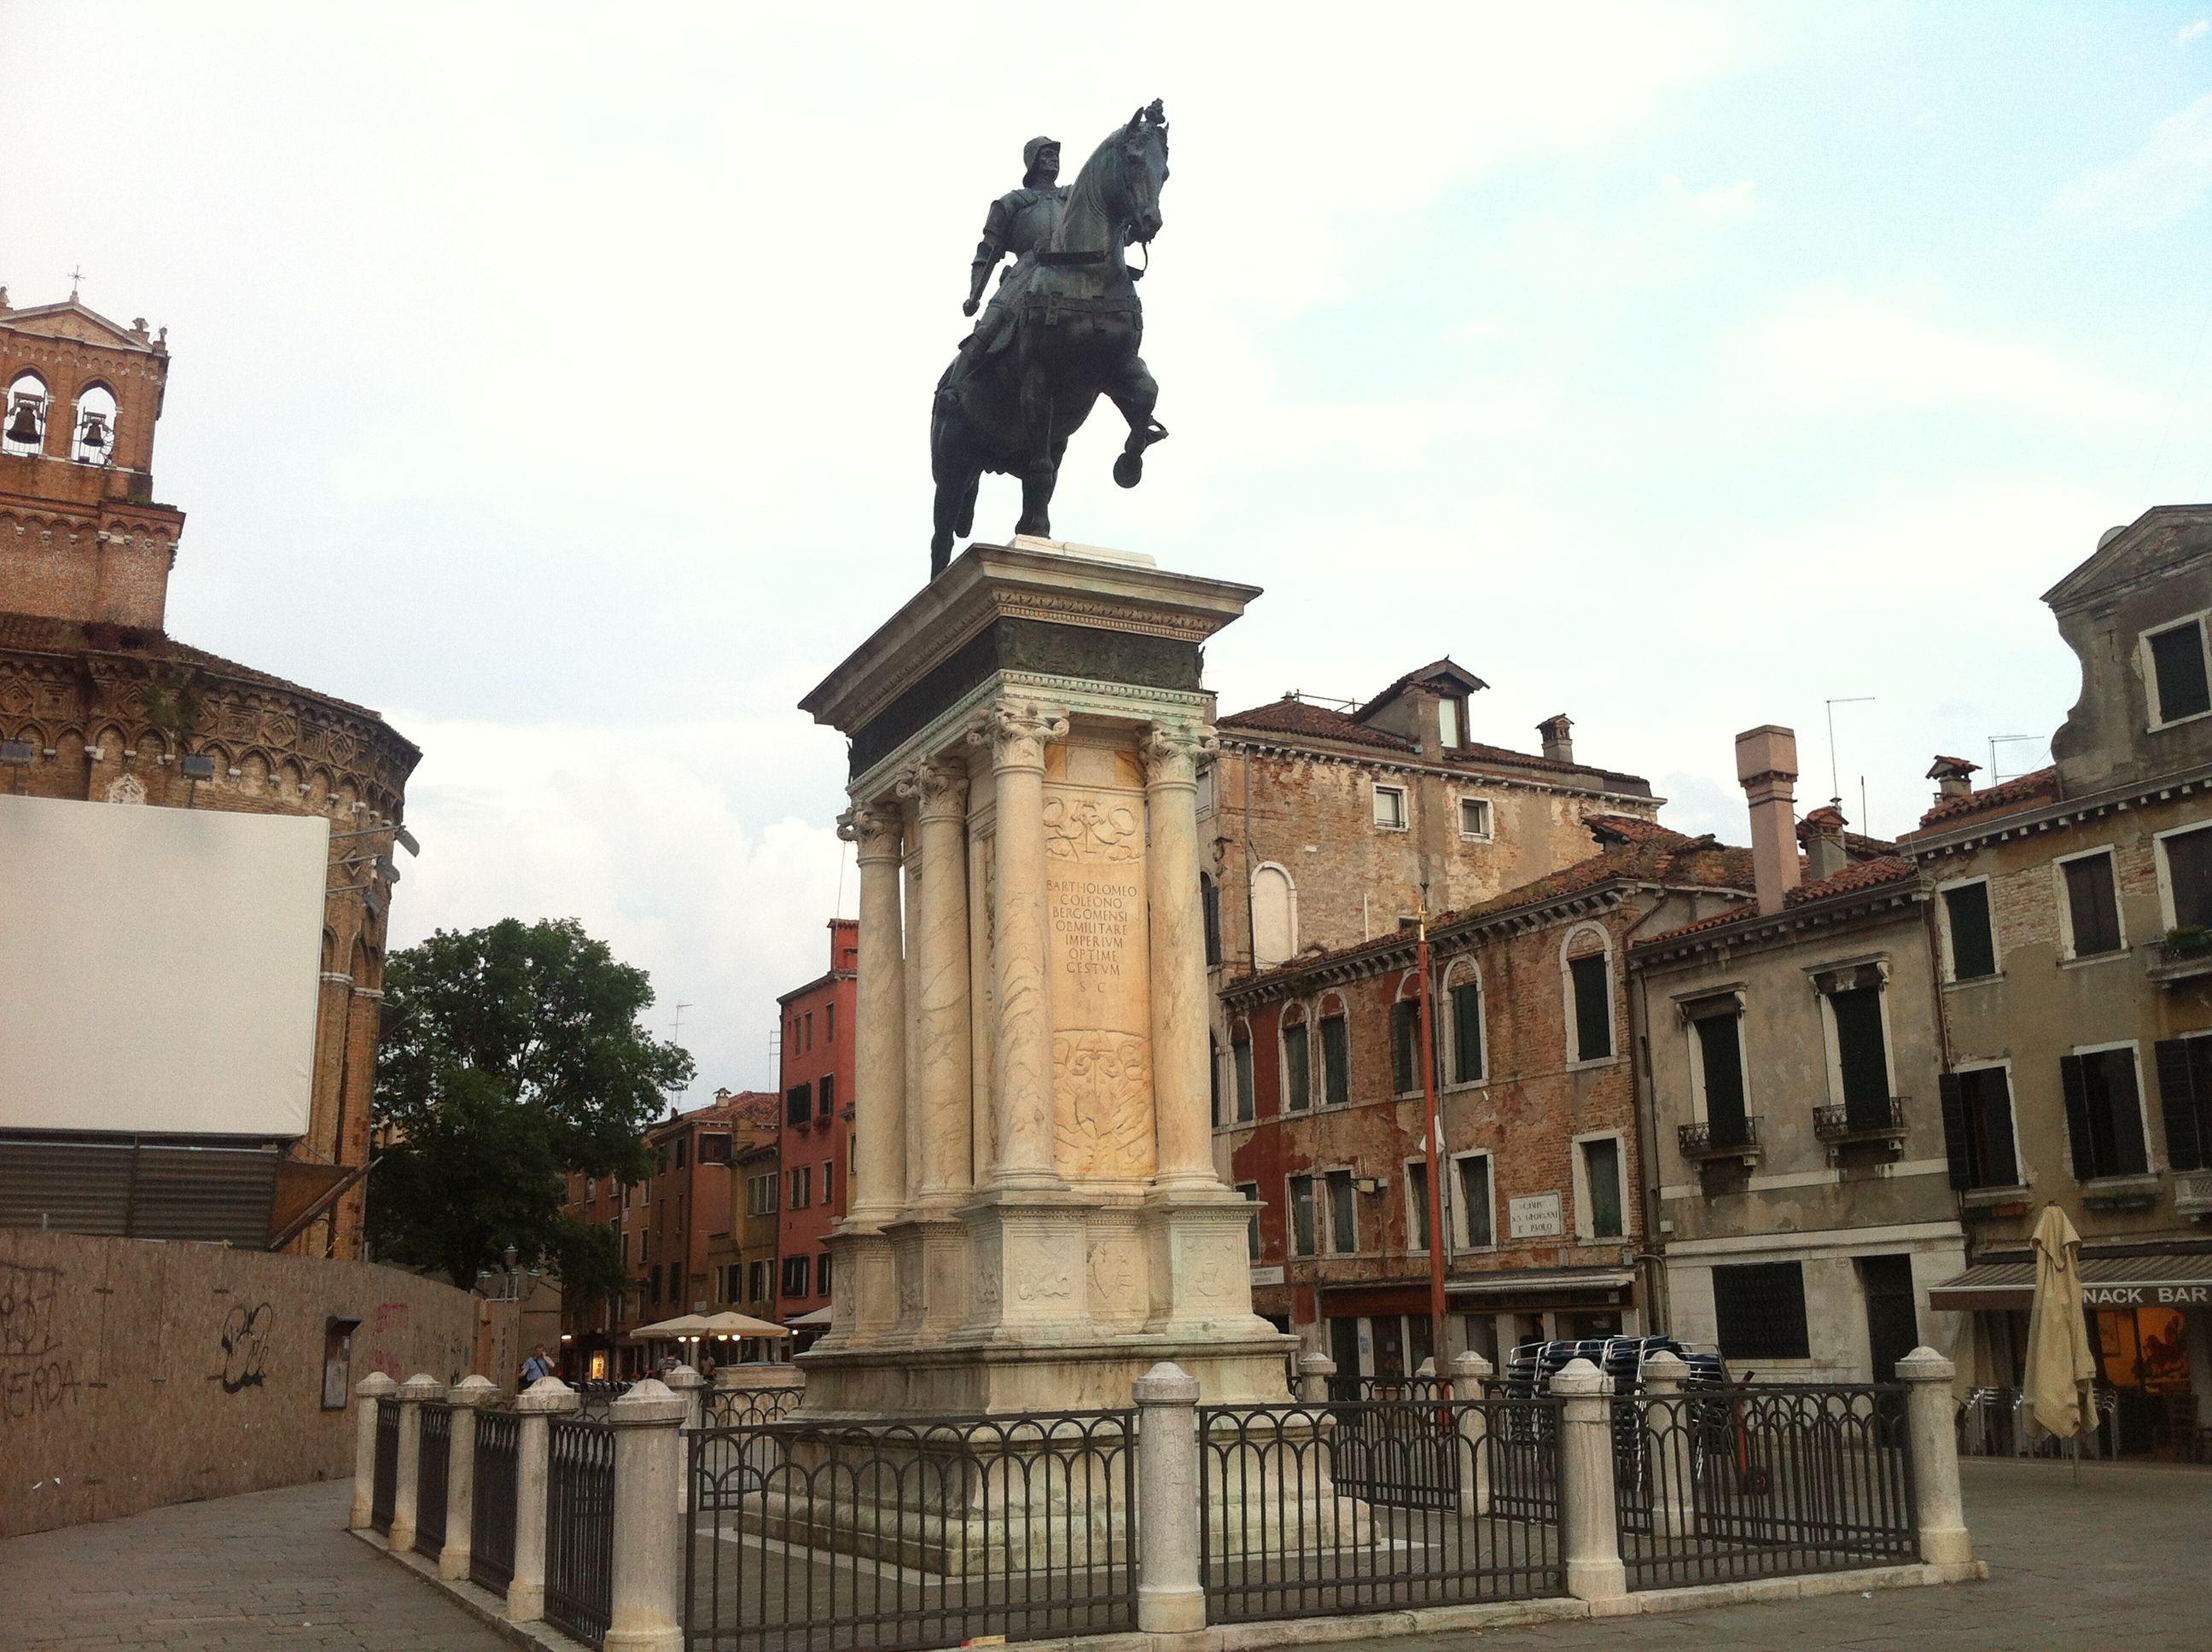 Verrocchio's equestrian statue of Bartolomeo Colleoni